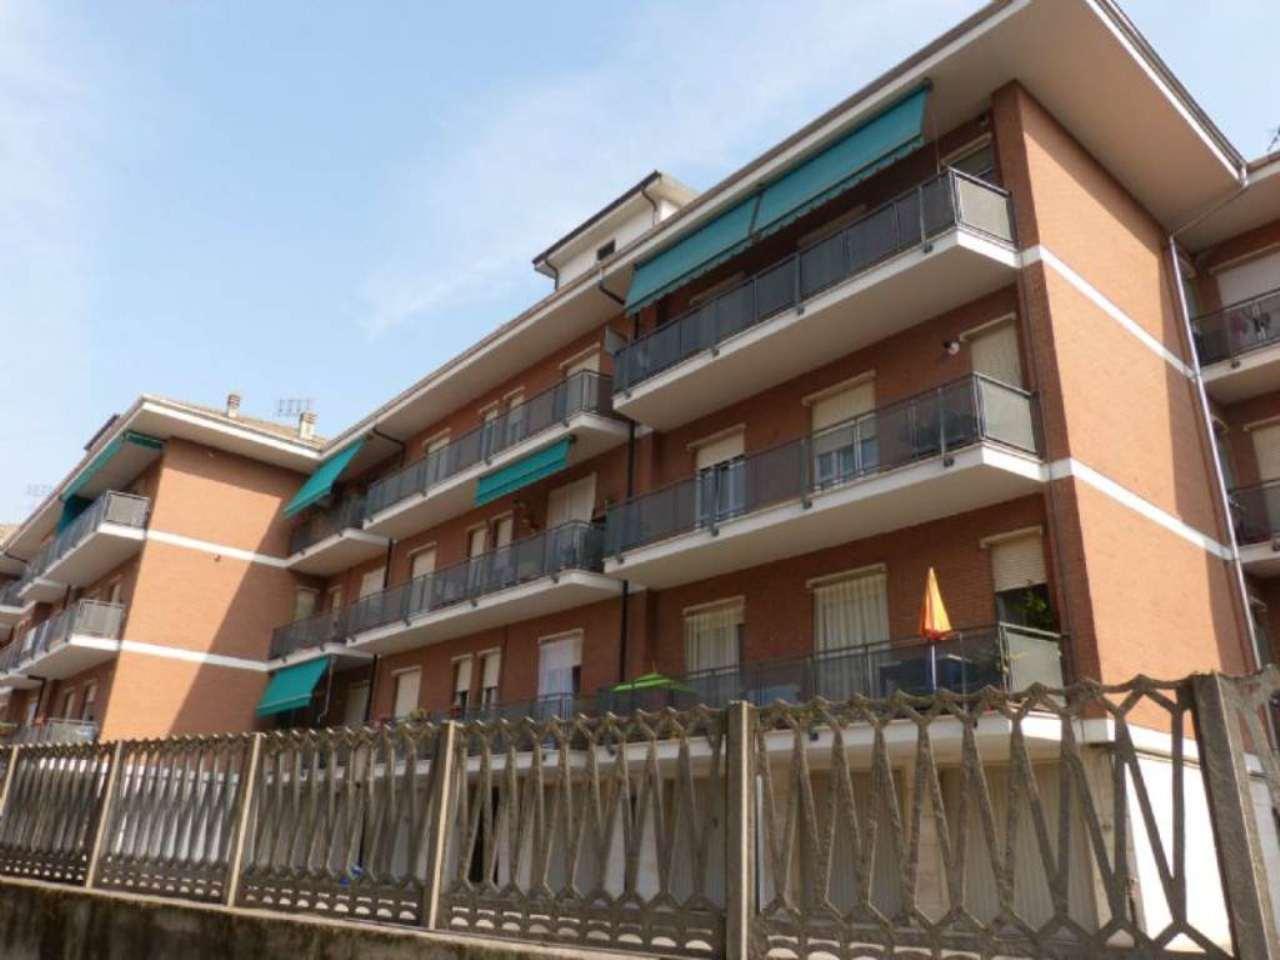 Appartamento in vendita a Fossano, 2 locali, prezzo € 65.000 | CambioCasa.it